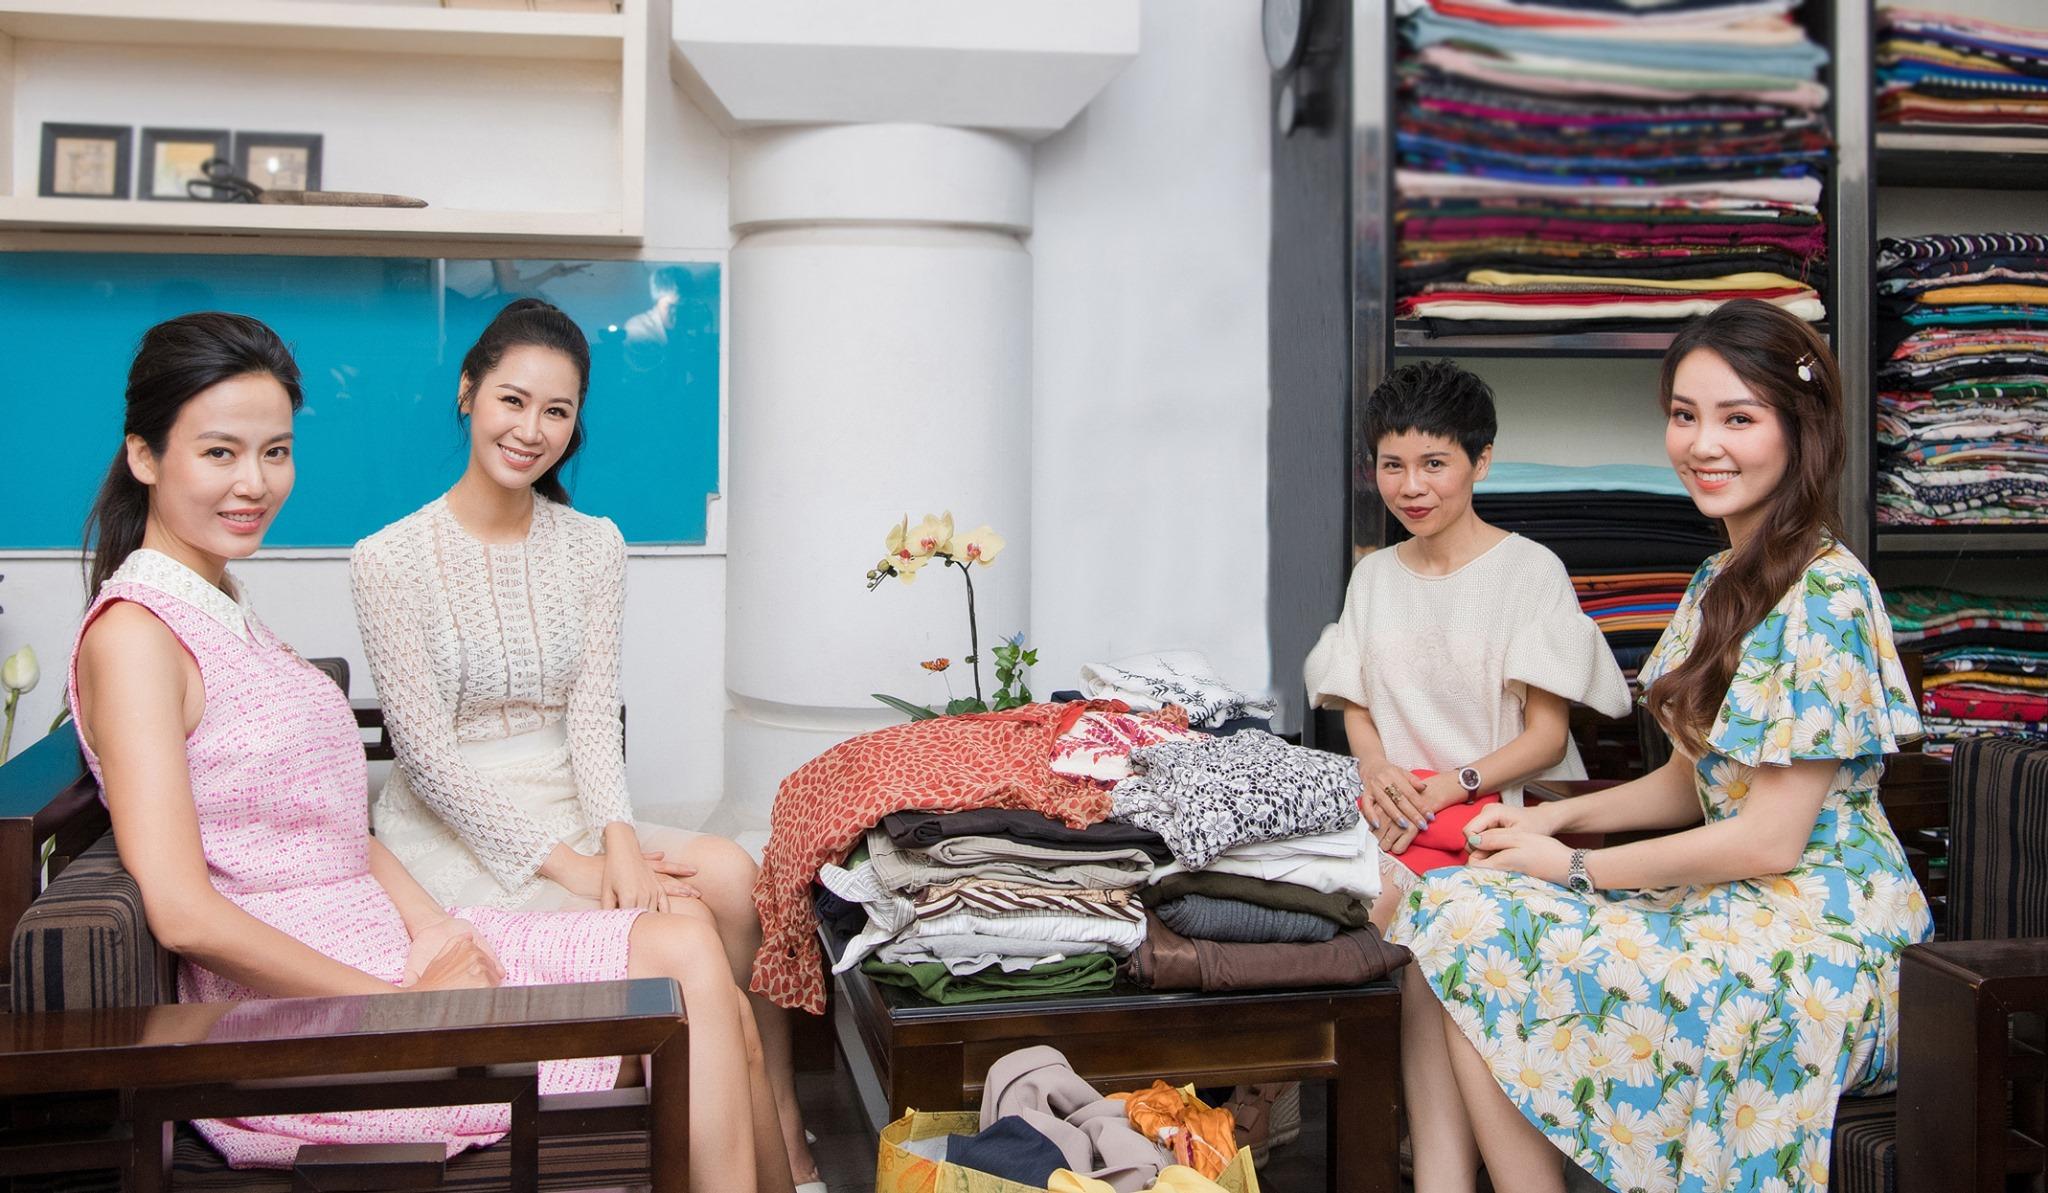 """Đã bắt trend cực đỉnh, """"cô em trendy"""" Khánh Linh còn mặc đồ tái chế chất đến ngỡ ngàng - Ảnh 2."""